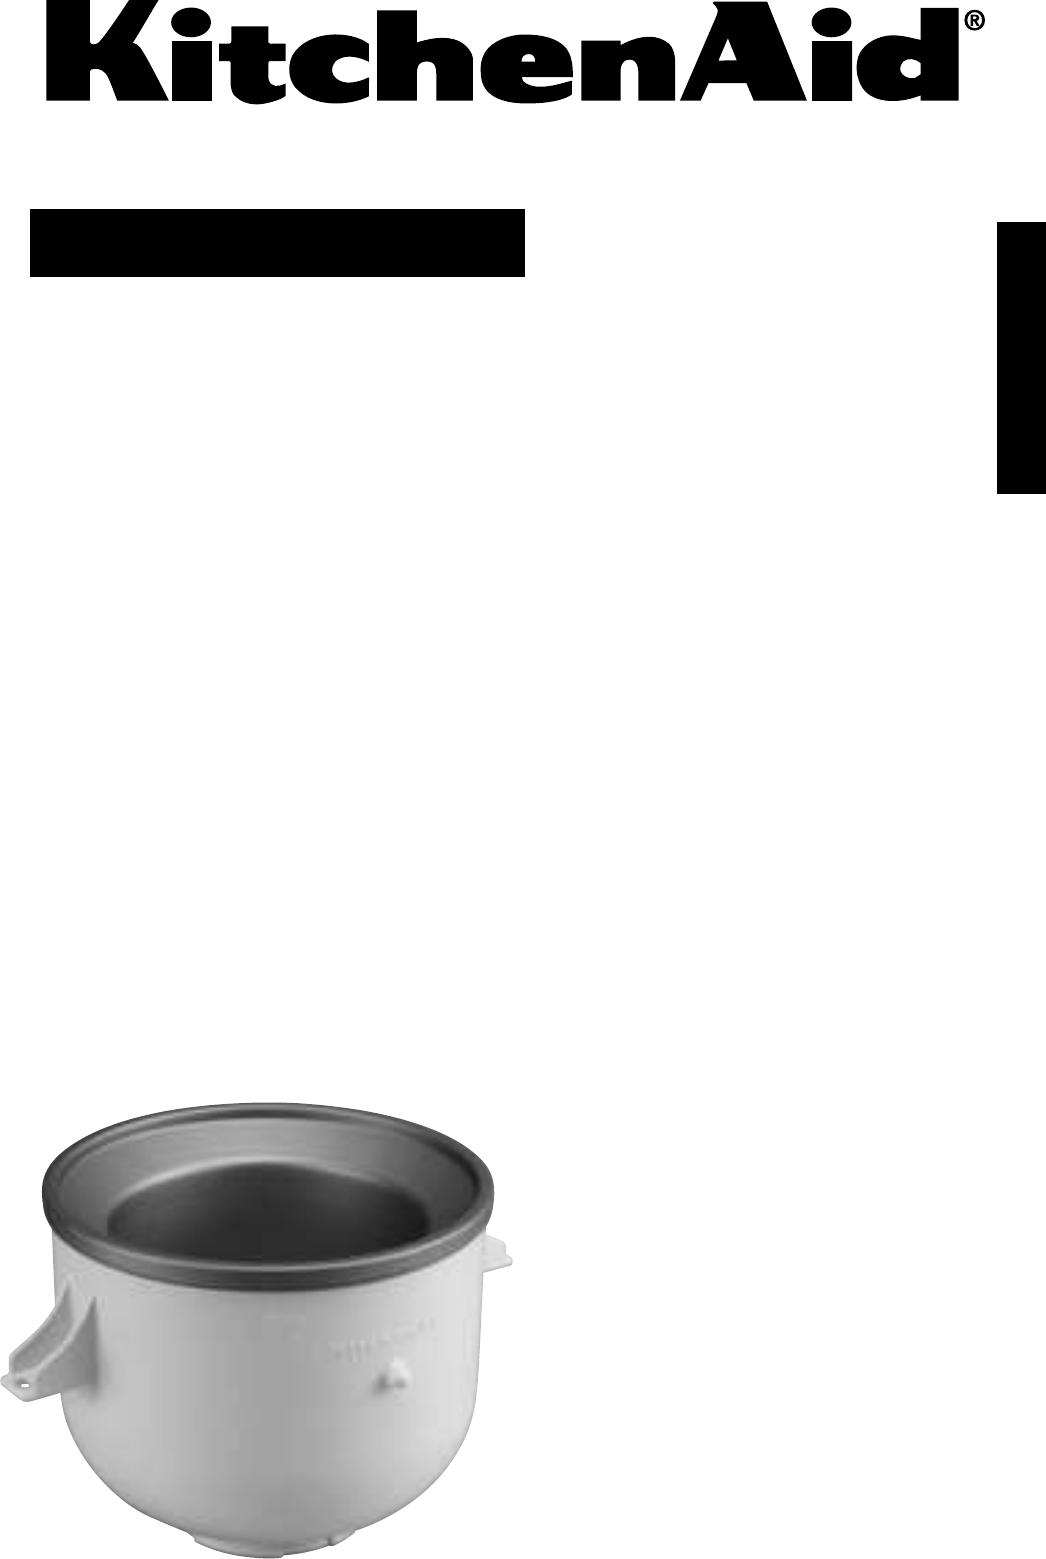 kitchenaid frozen dessert maker 5kica0wh user guide. Black Bedroom Furniture Sets. Home Design Ideas